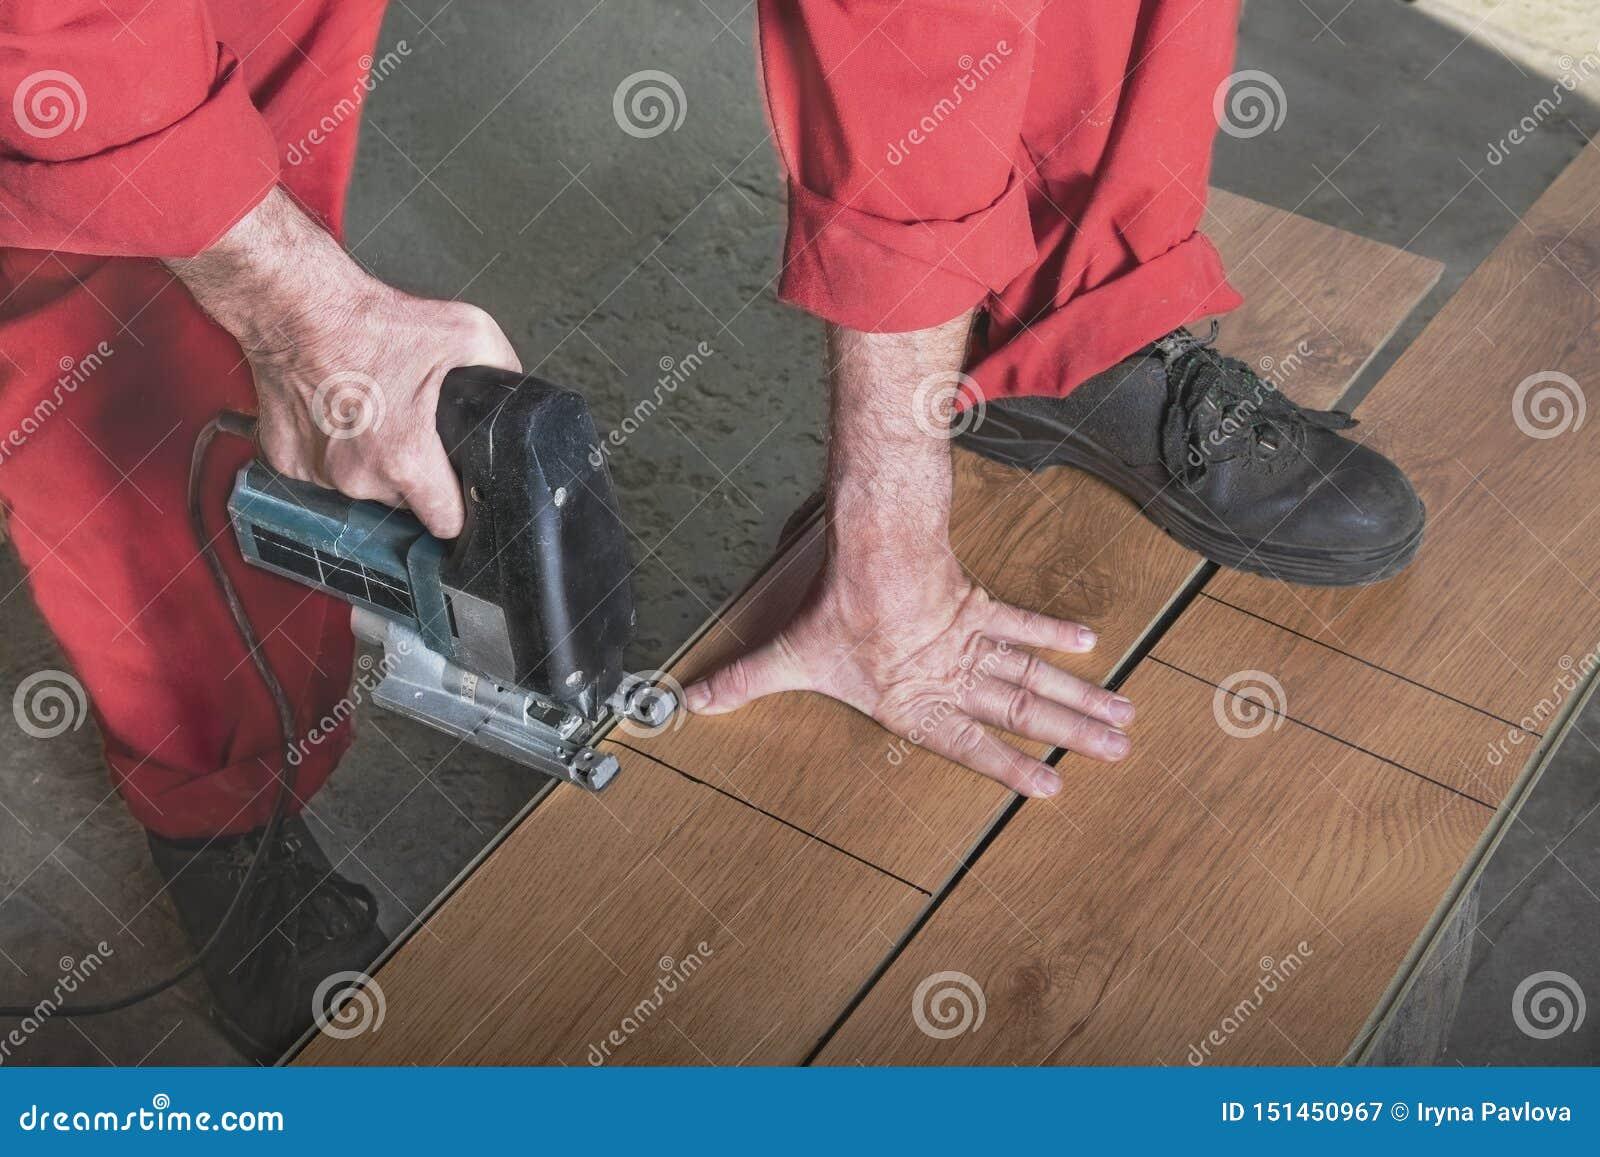 Meister sägt die Stange mit einer elektrischen Säge